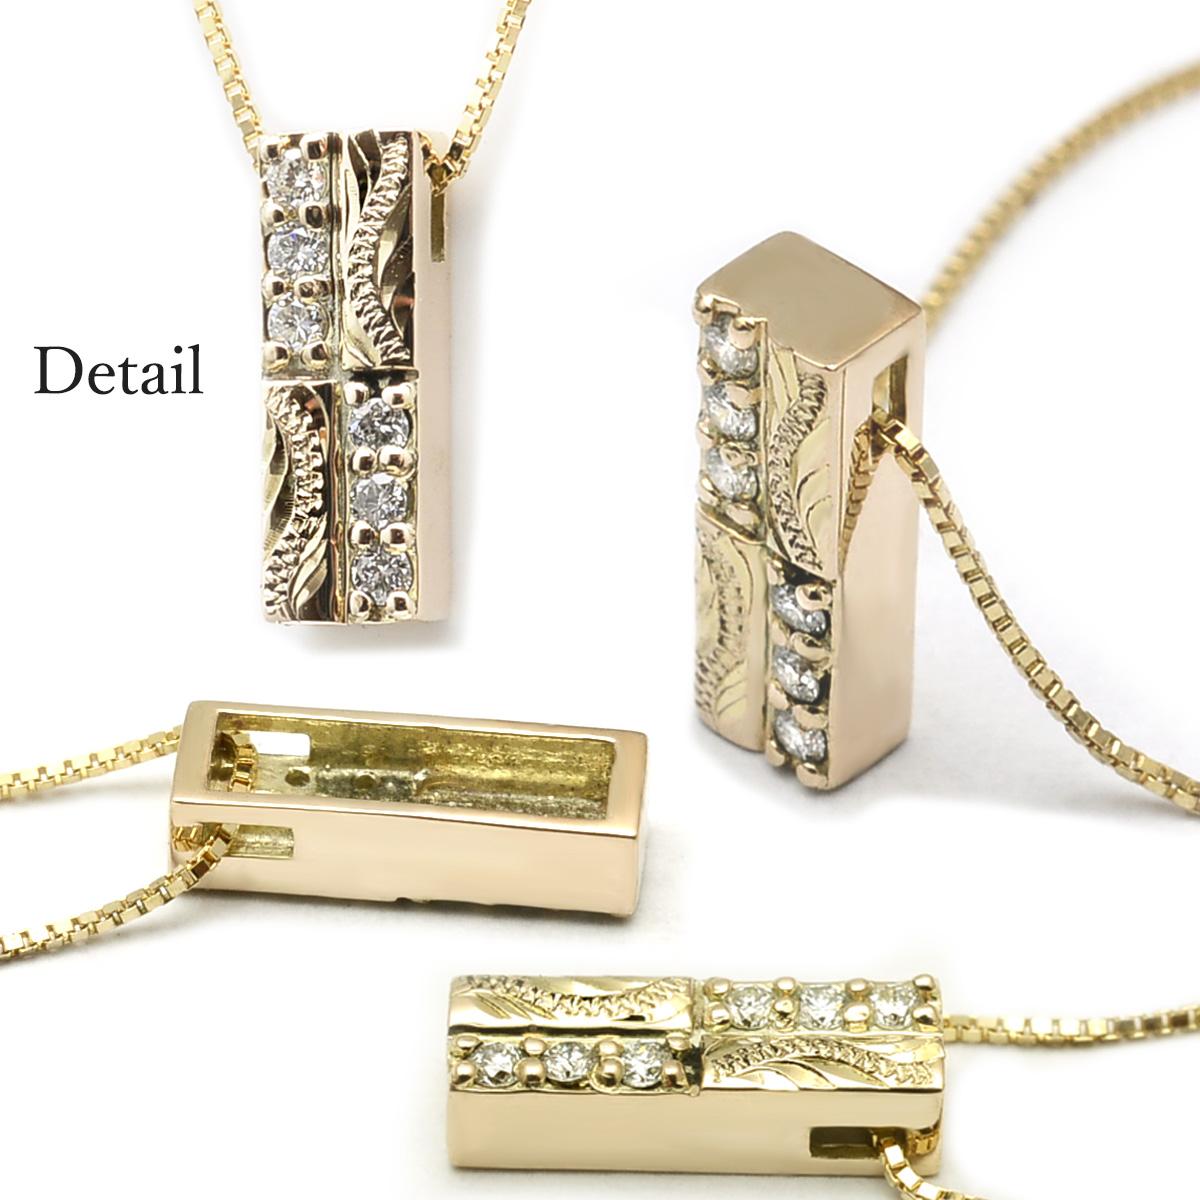 ゴールドネックレス 10k ハワイアンジュエリー レディース 女性 10金 K10 ゴールド ・バーペンダント ダイヤモンド 0.06ct ペンダント イエローゴールド 華奢 ane1539 新作